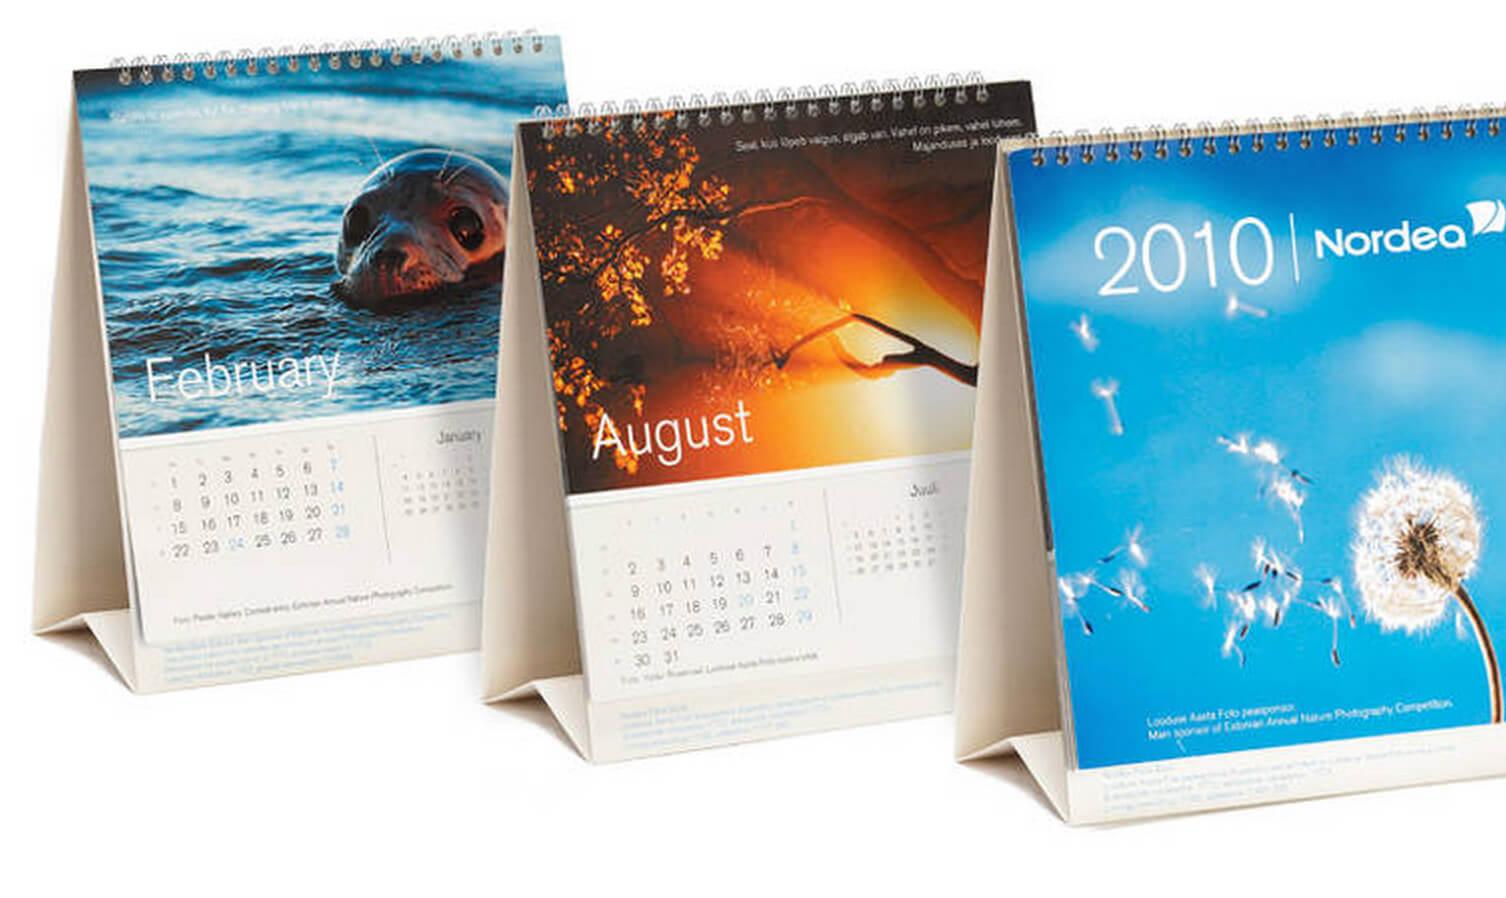 nordea-kalender-laua-2010